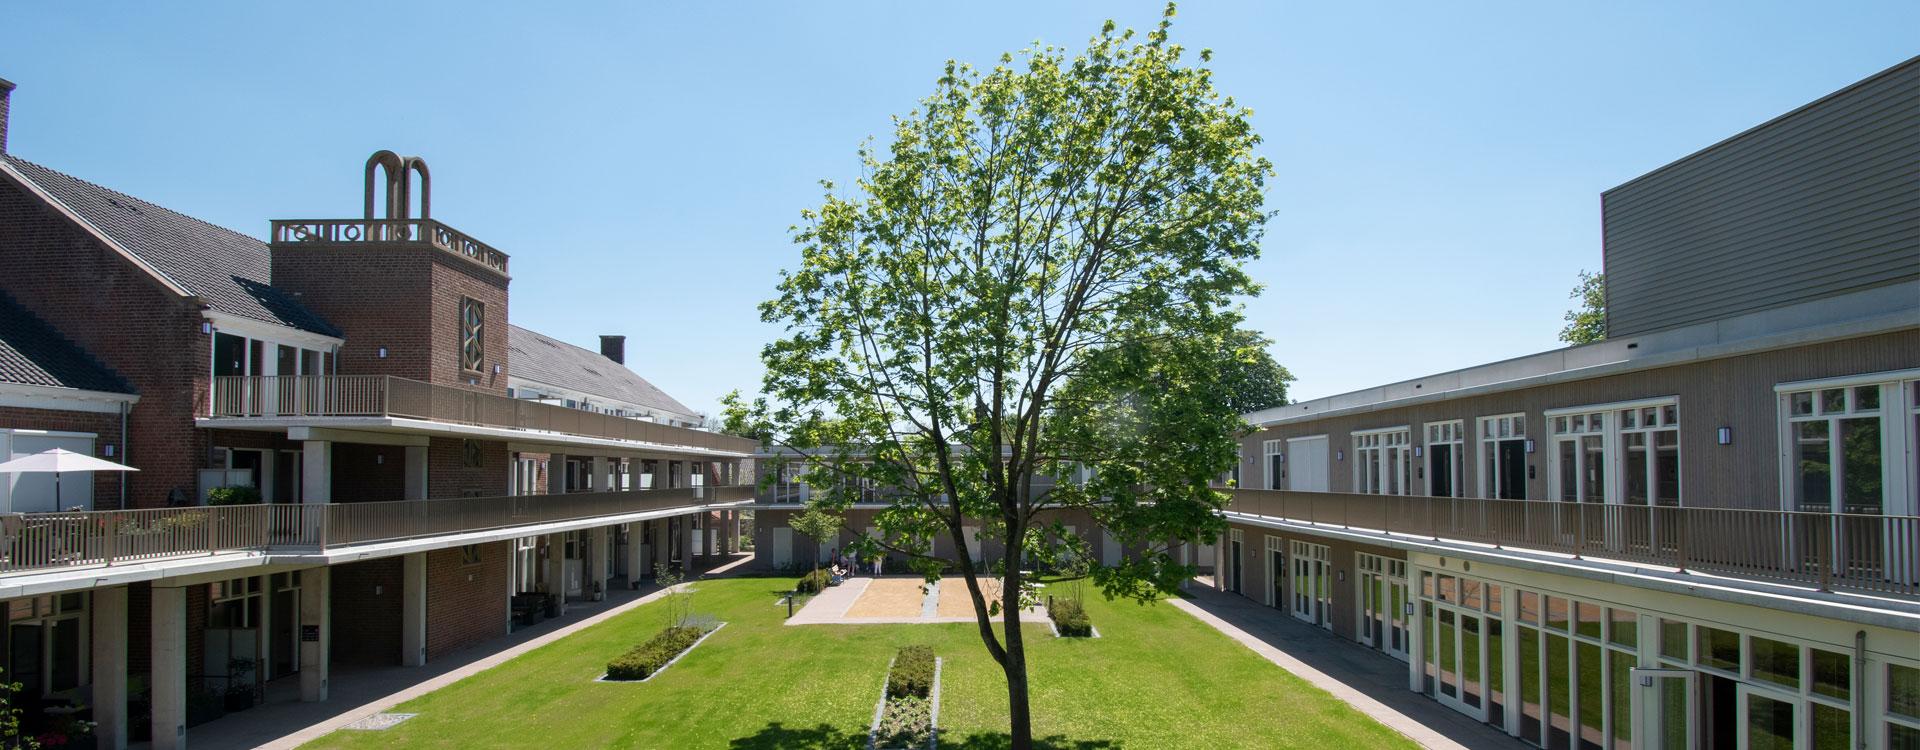 rezidenz-development-eindhoven-moller